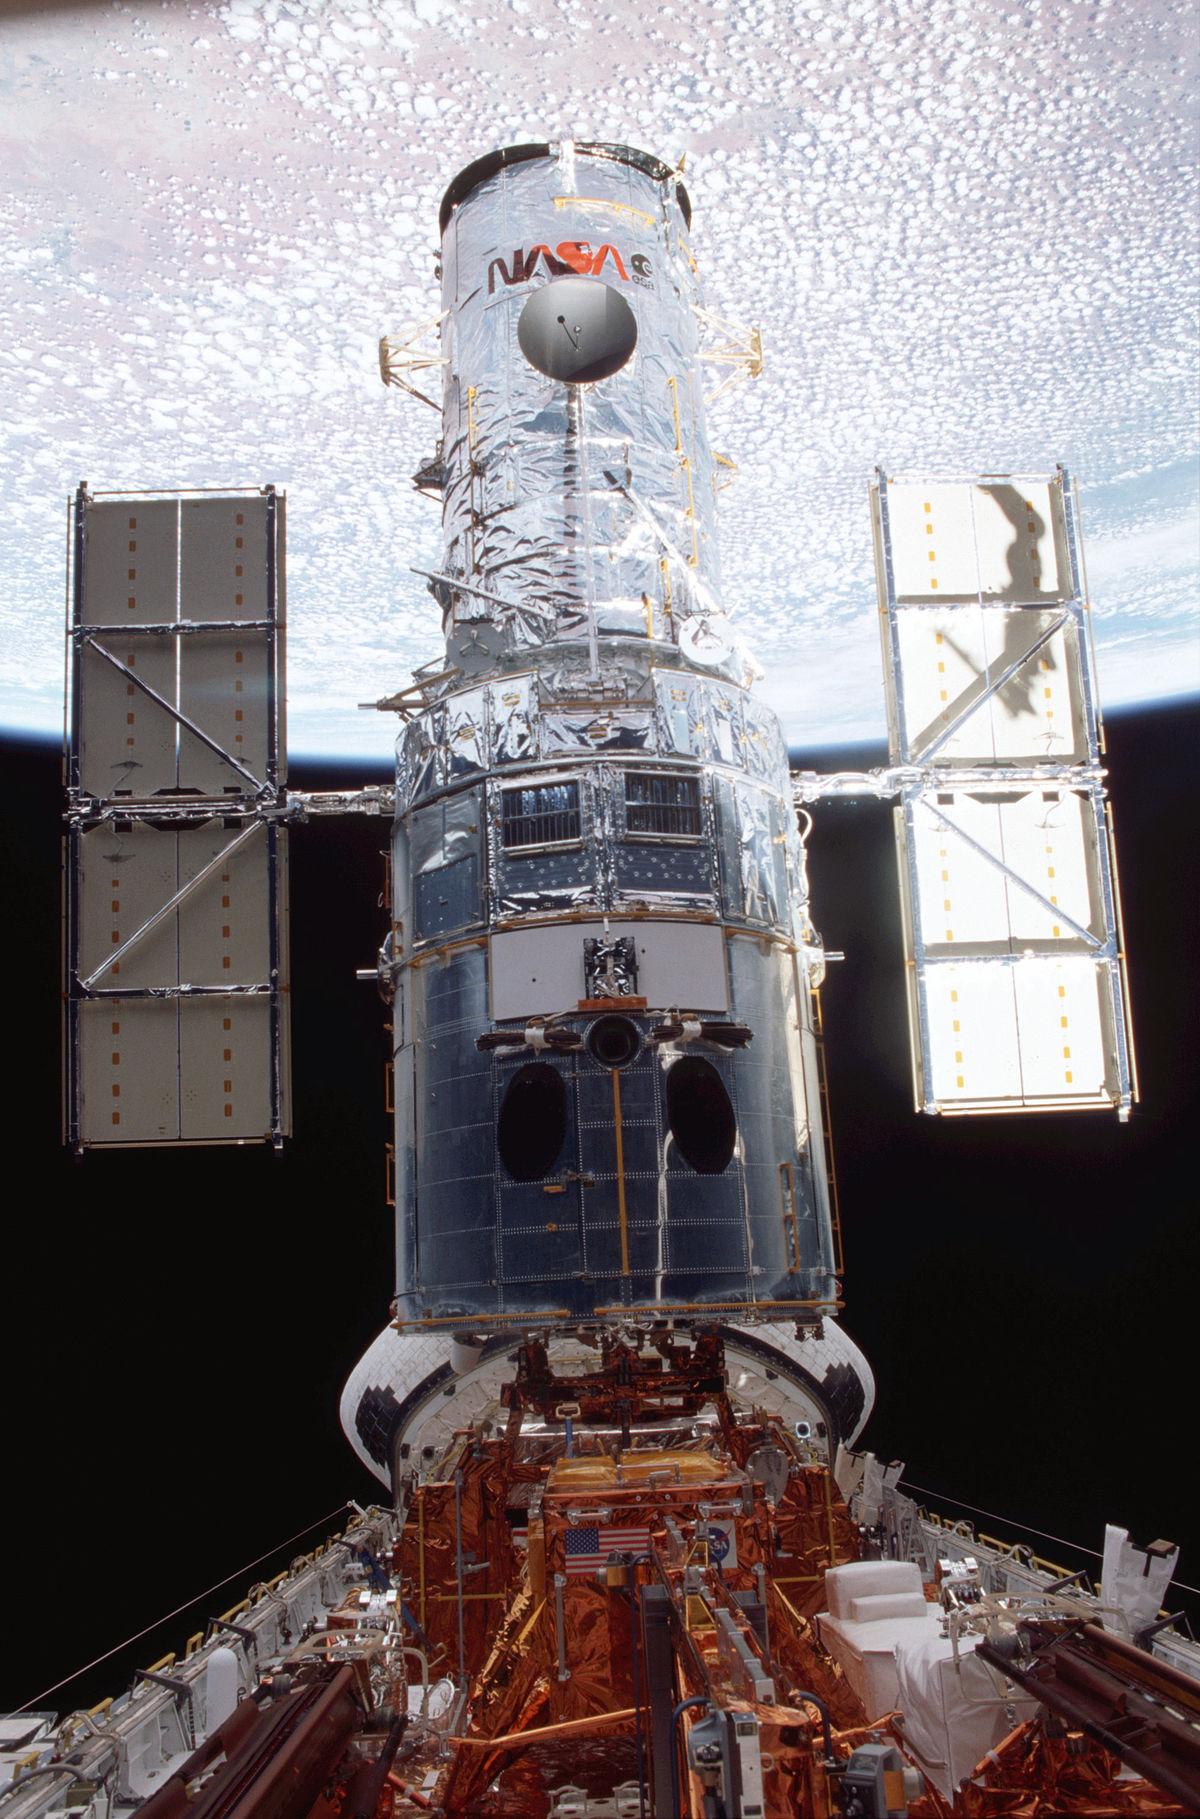 space shuttle longest mission - photo #16